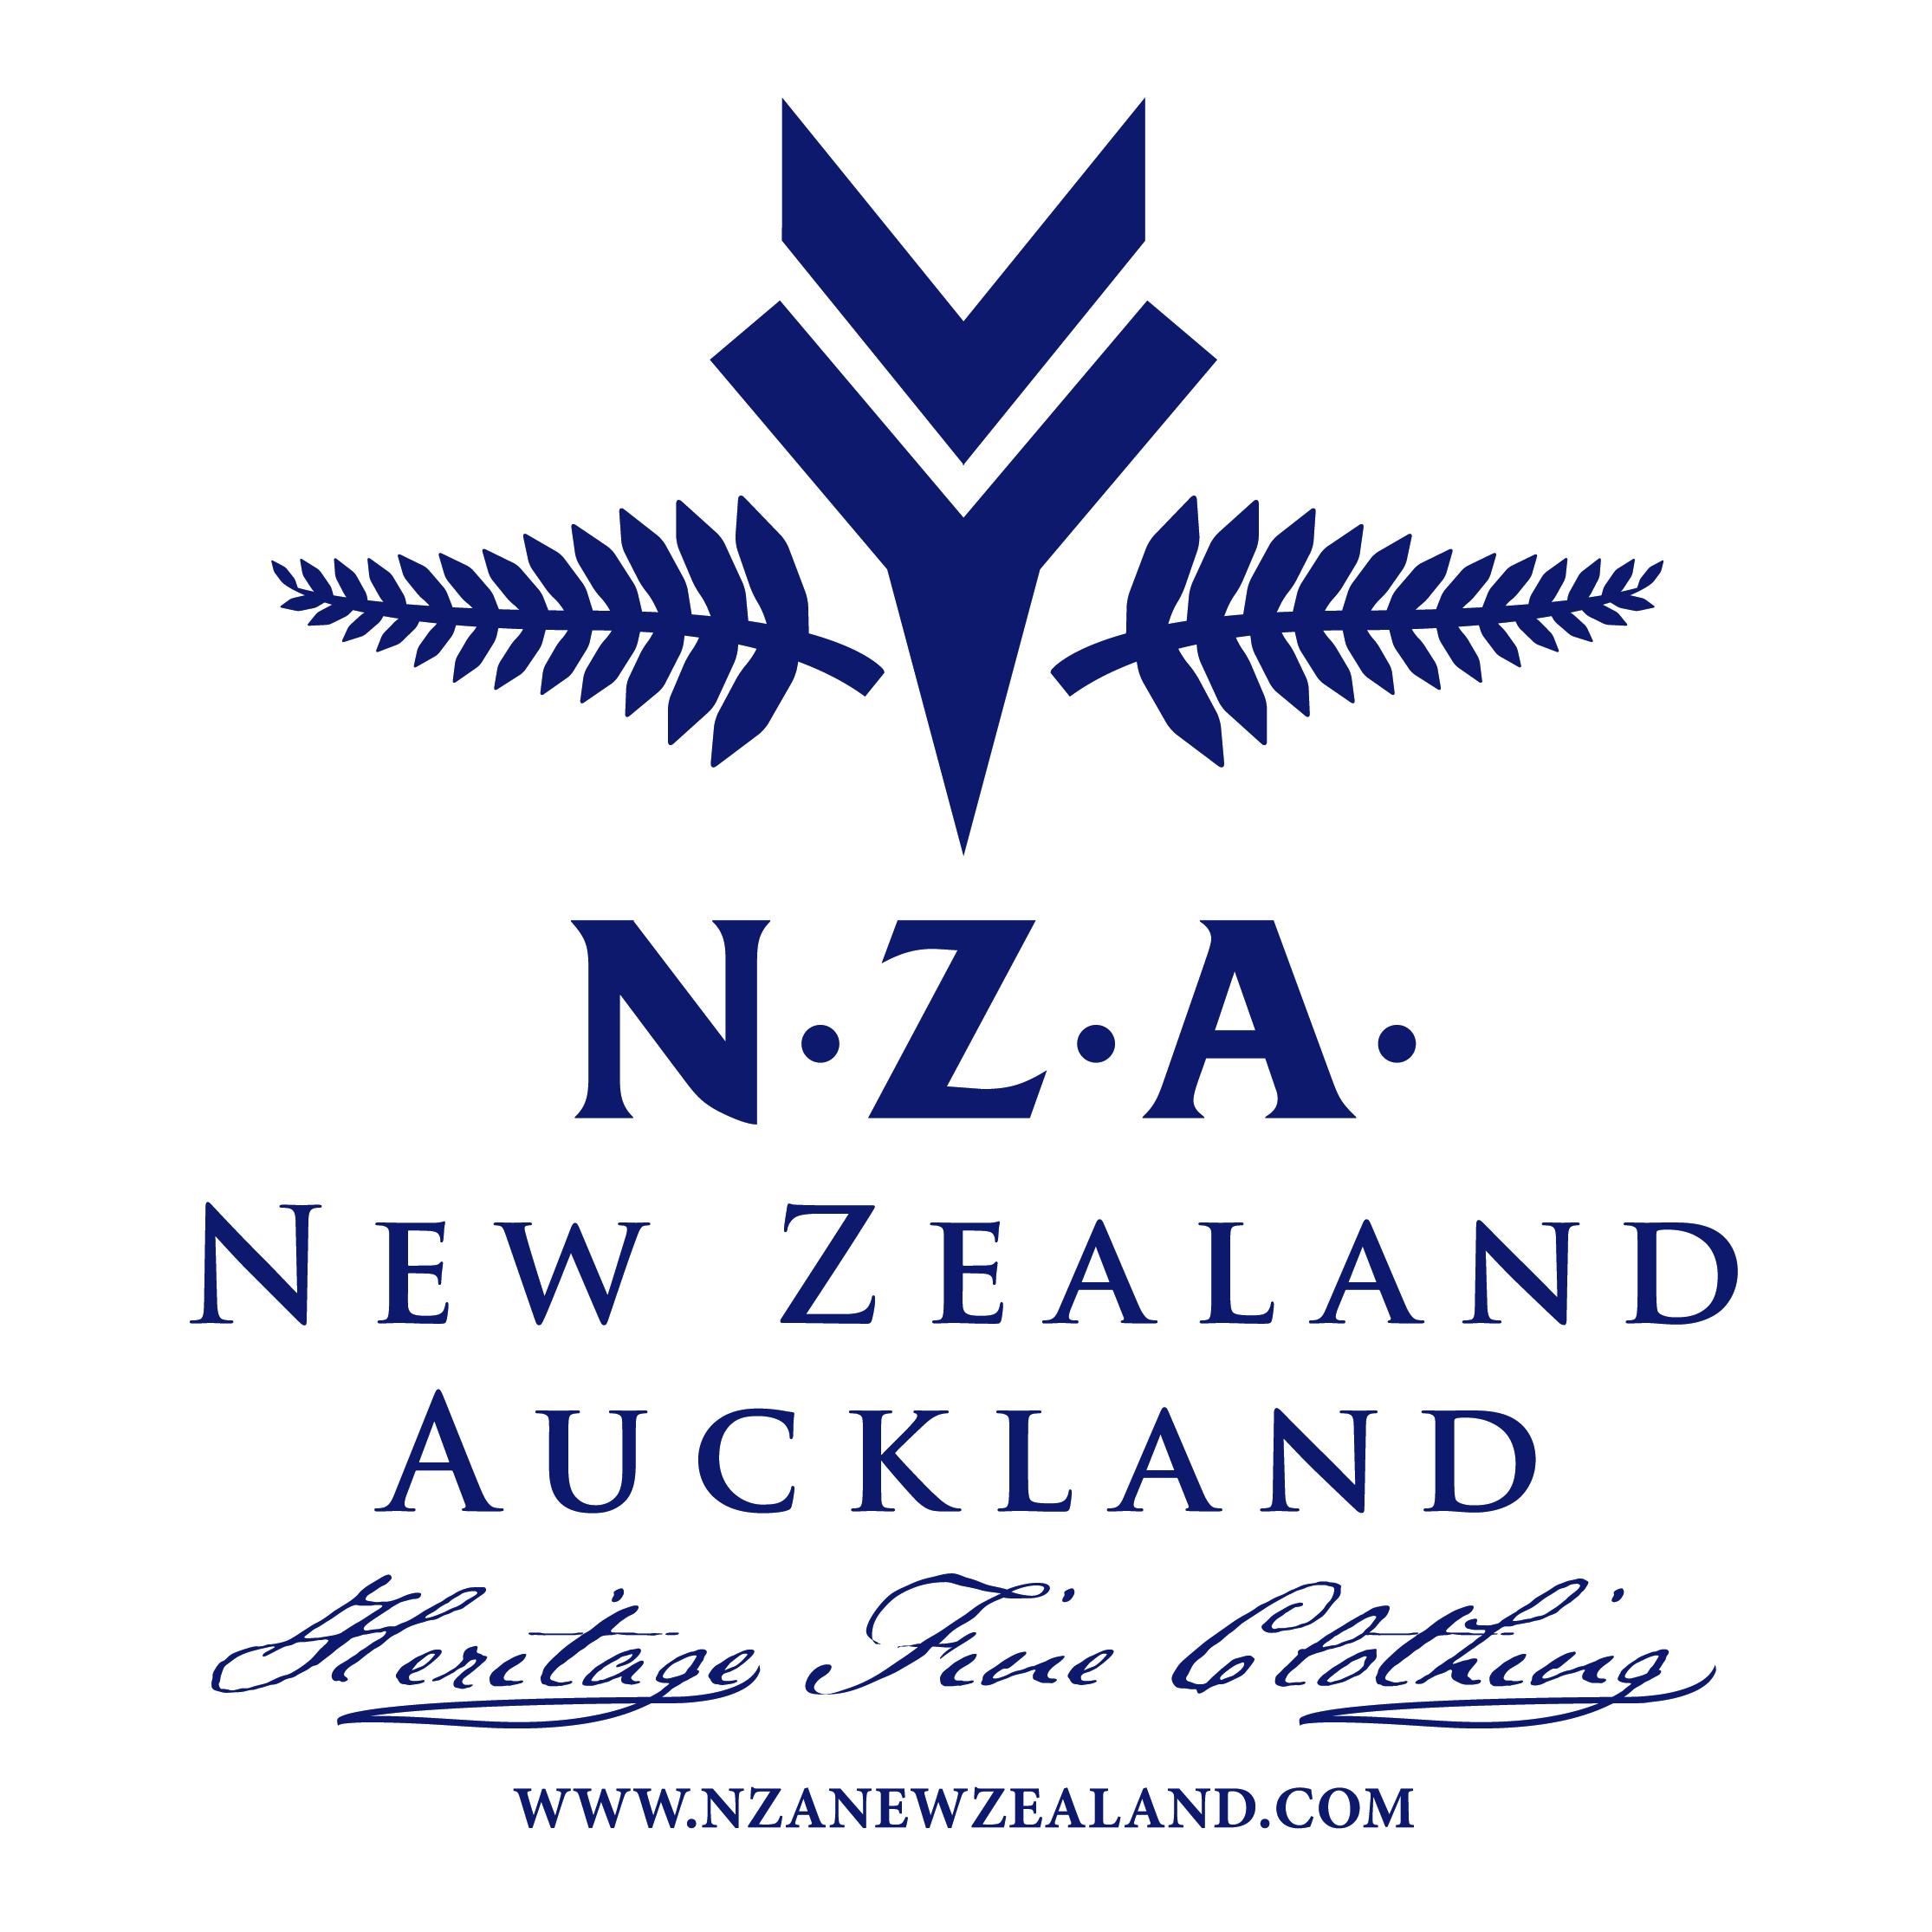 NZA-logo-01.jpg